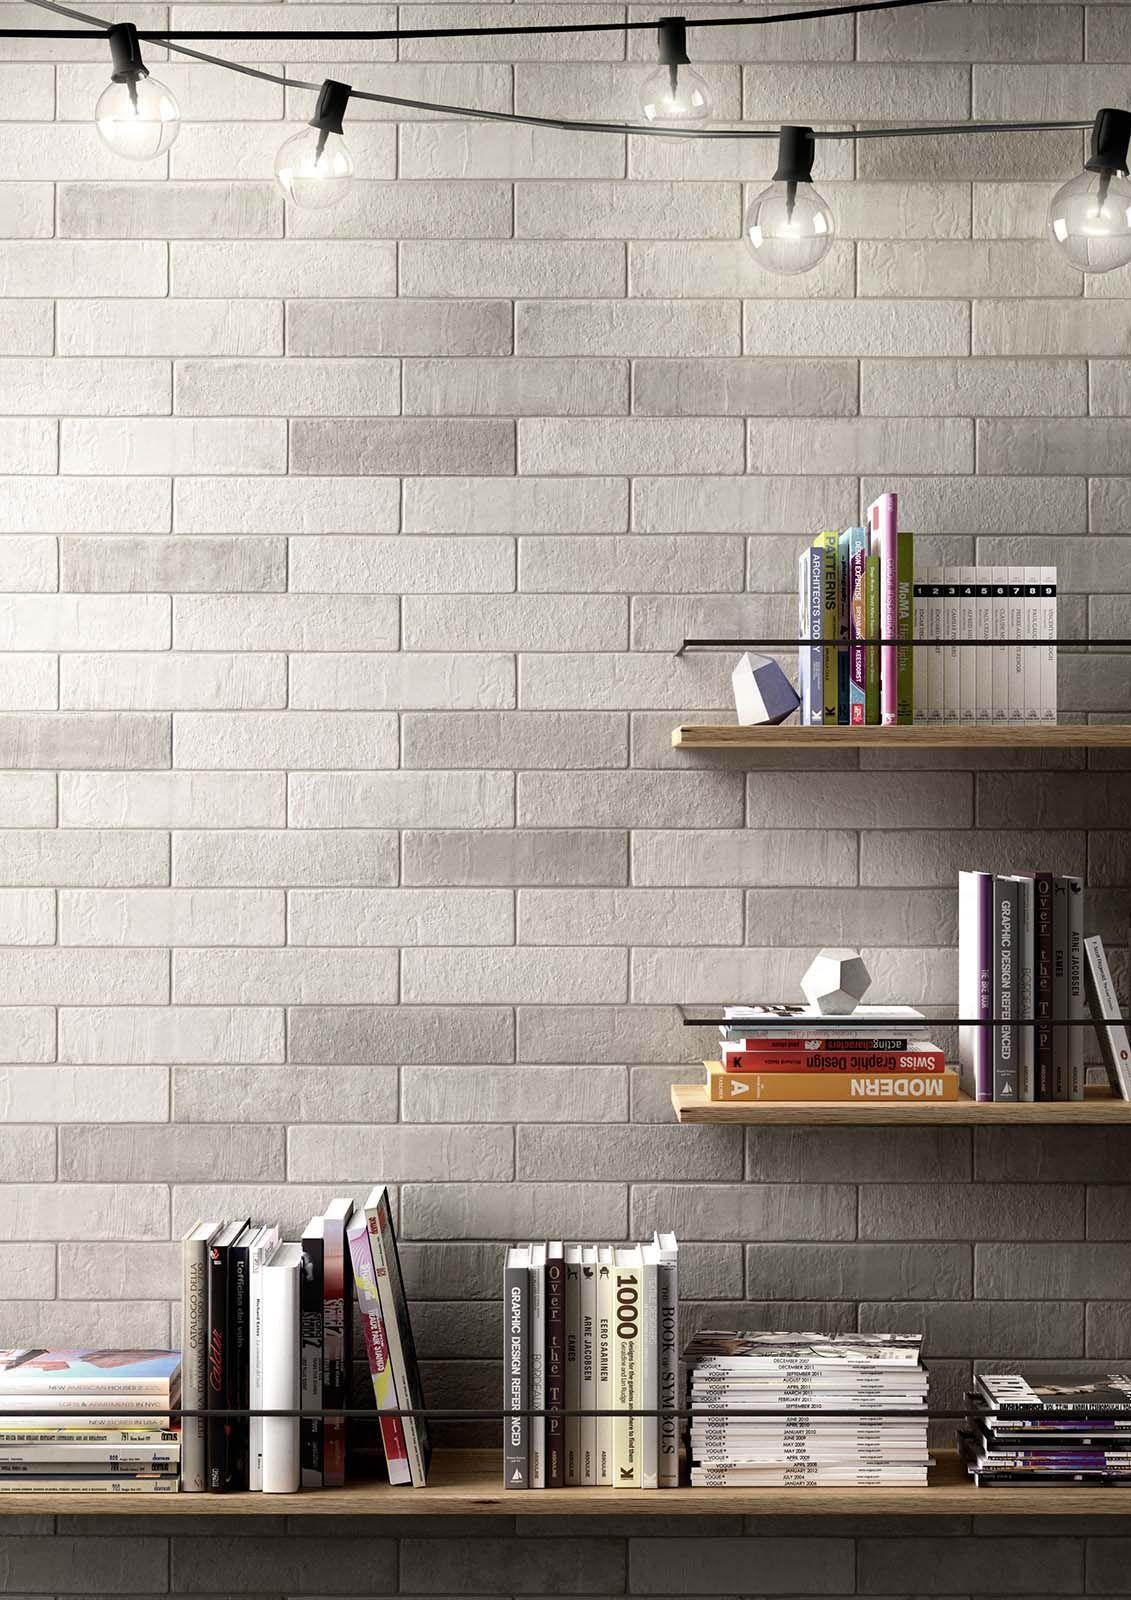 Come Decorare Piastrelle Cucina terramix azulejos de cerámica marazzi_6836 (con immagini